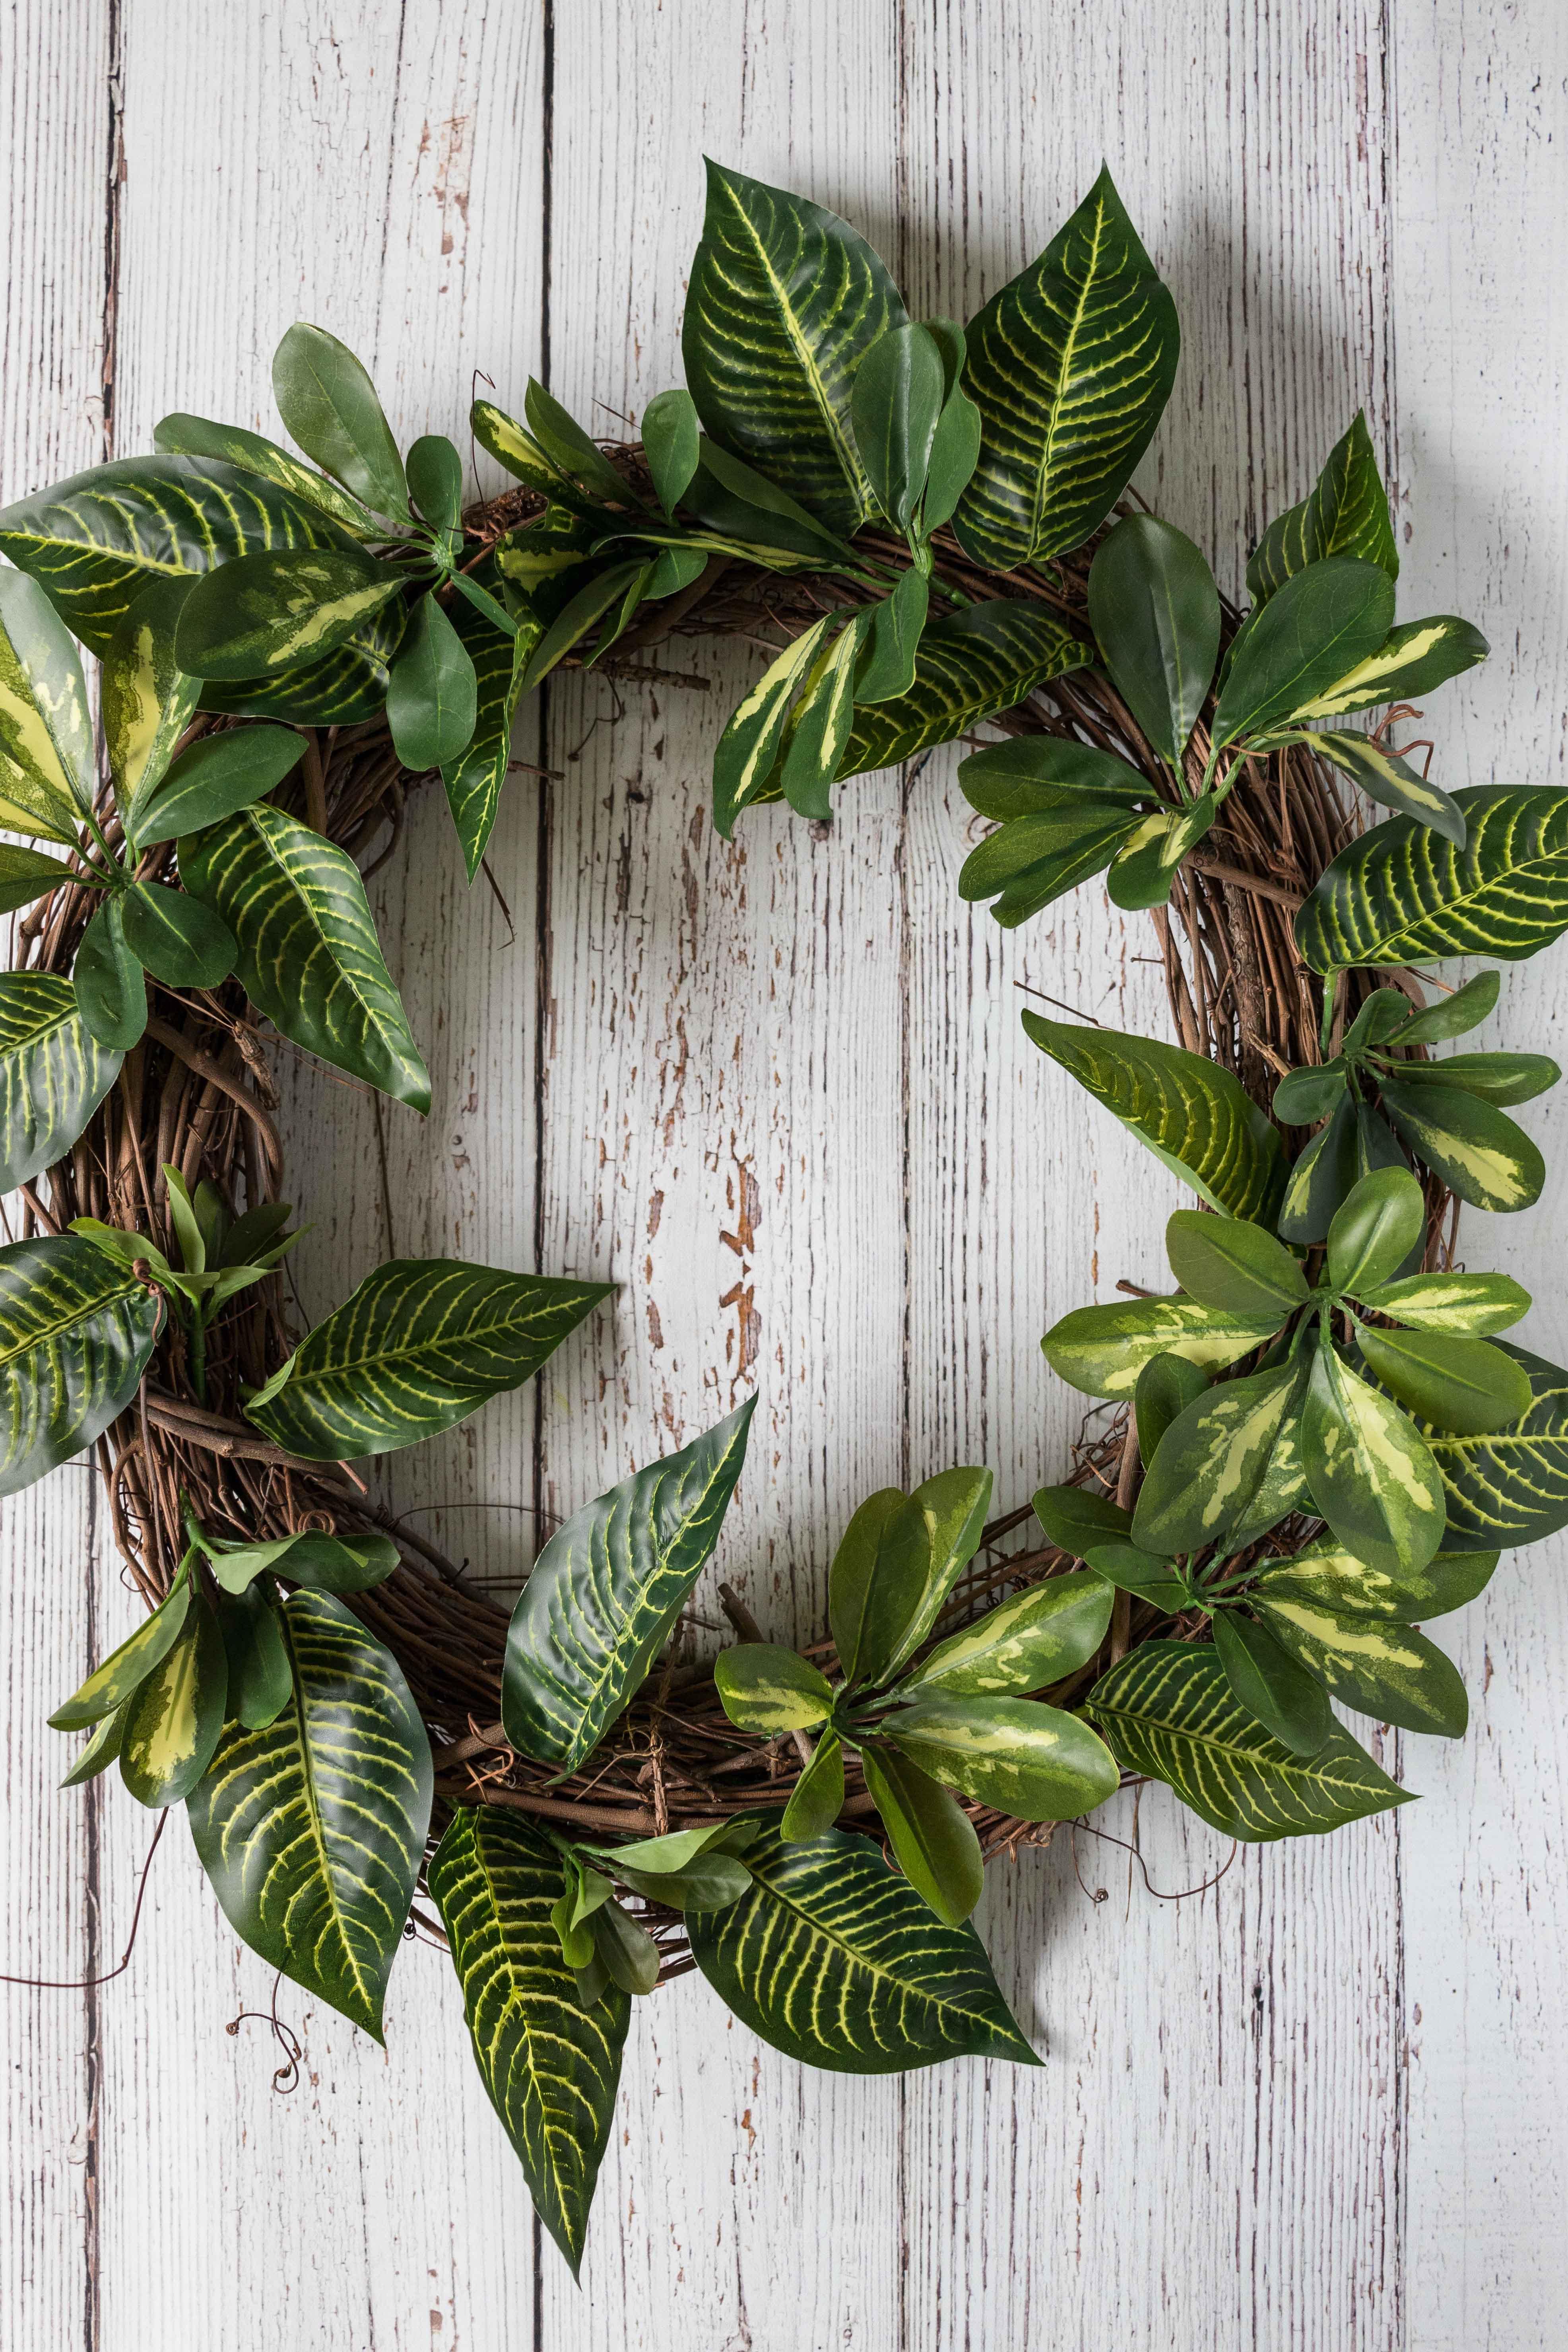 DIY Faux Greenery Wreath | https://www.roseclearfield.com